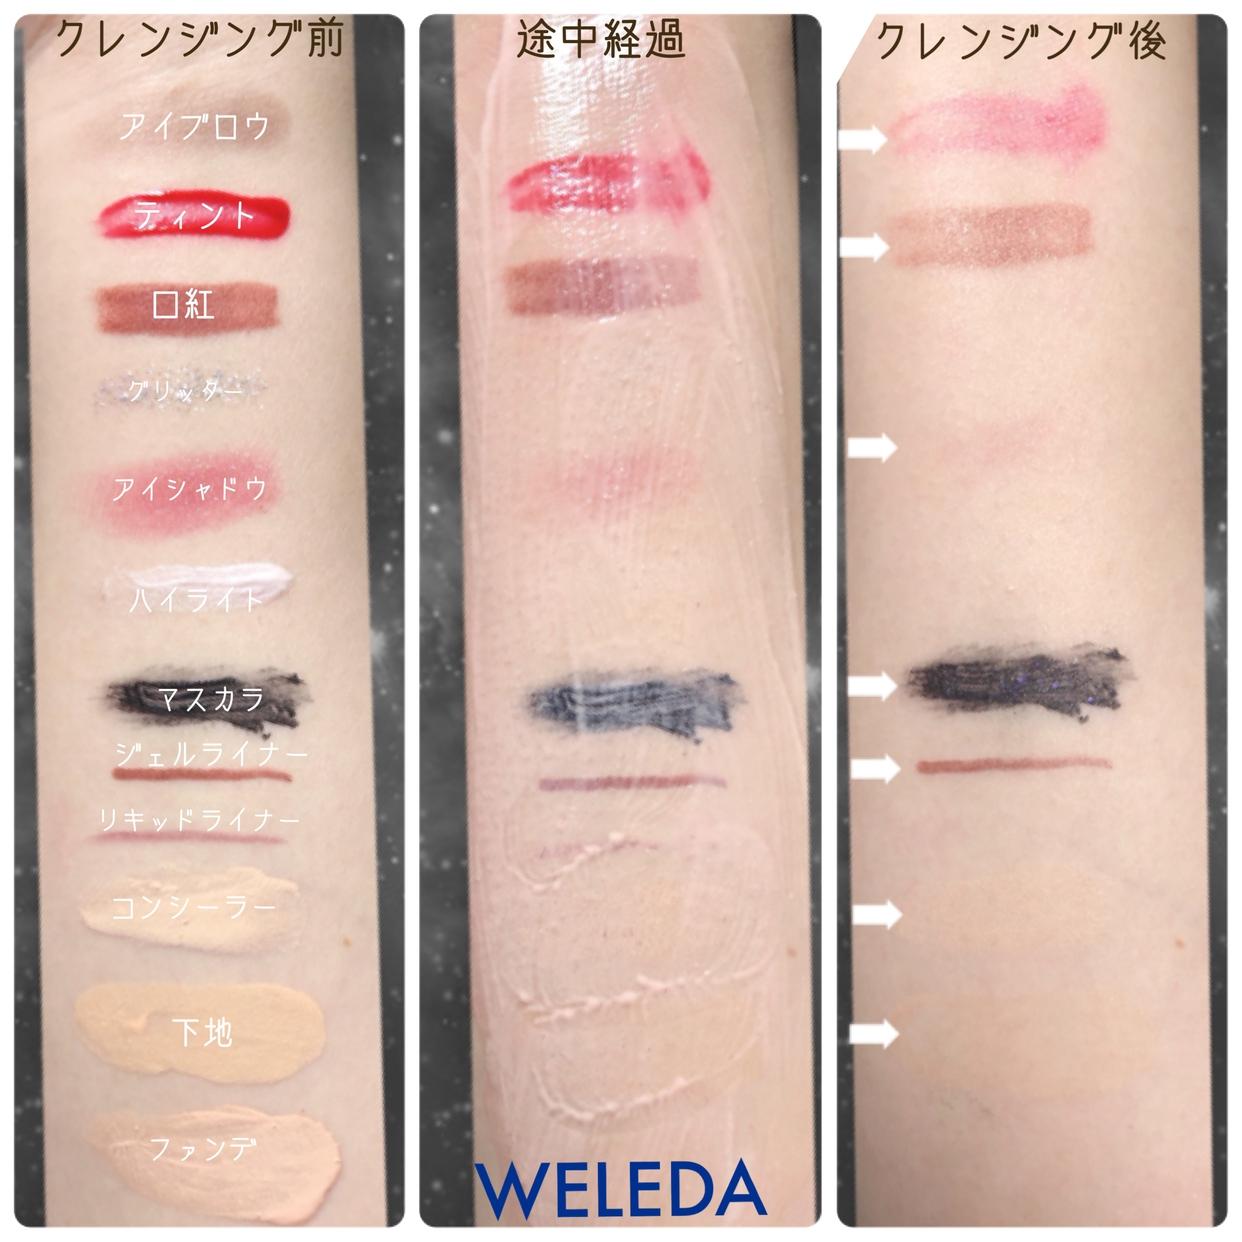 WELEDA(ヴェレダ) モイスチャー クレンジングミルクに関するもいさんの口コミ画像1